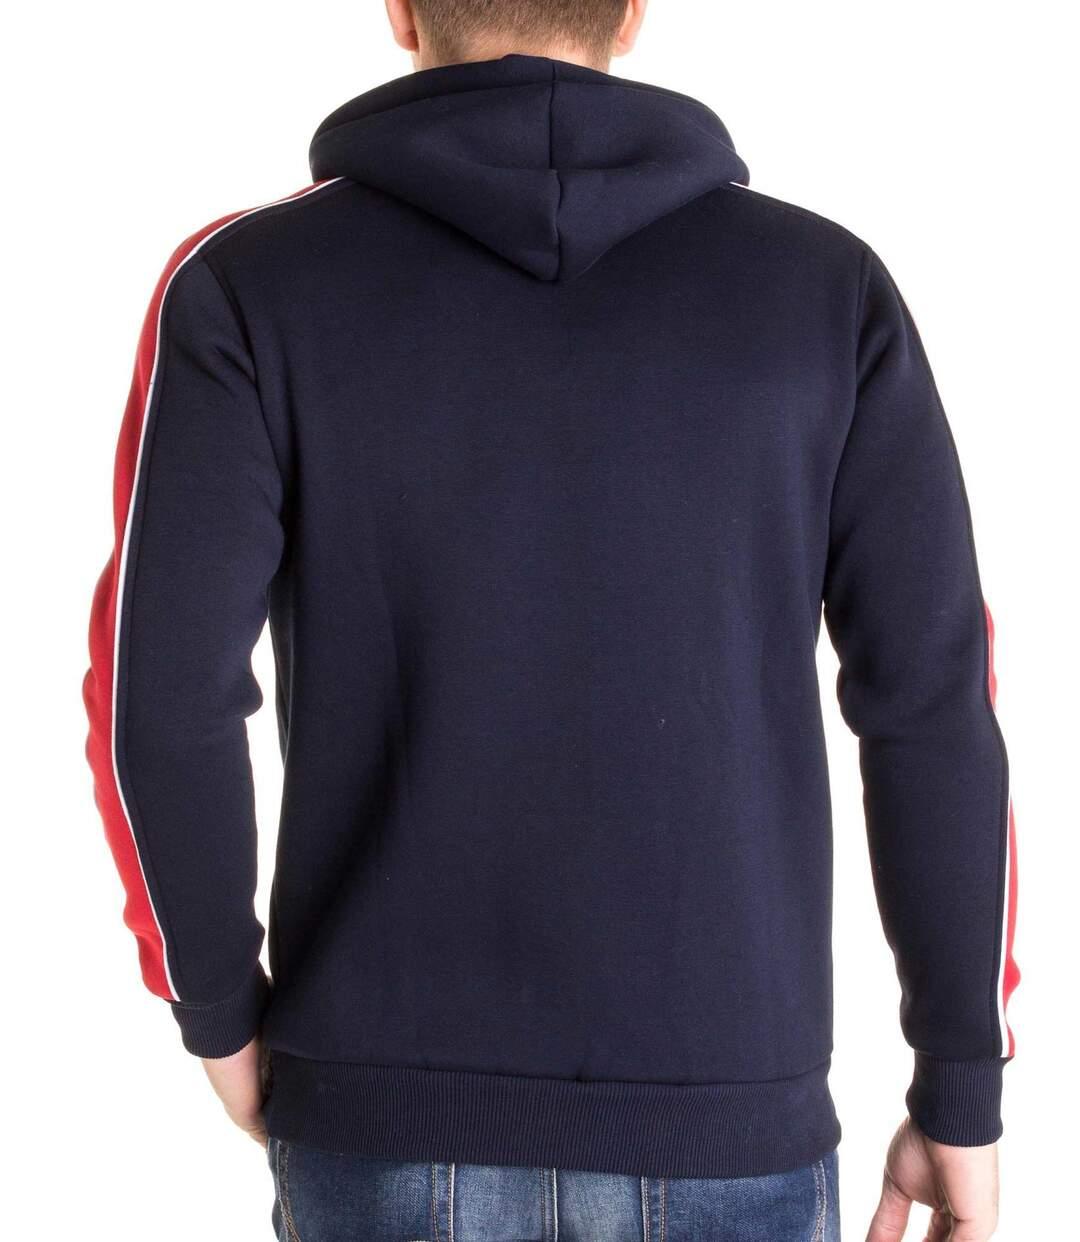 Sweat bleu à capuche avec bande rouge sur les manches